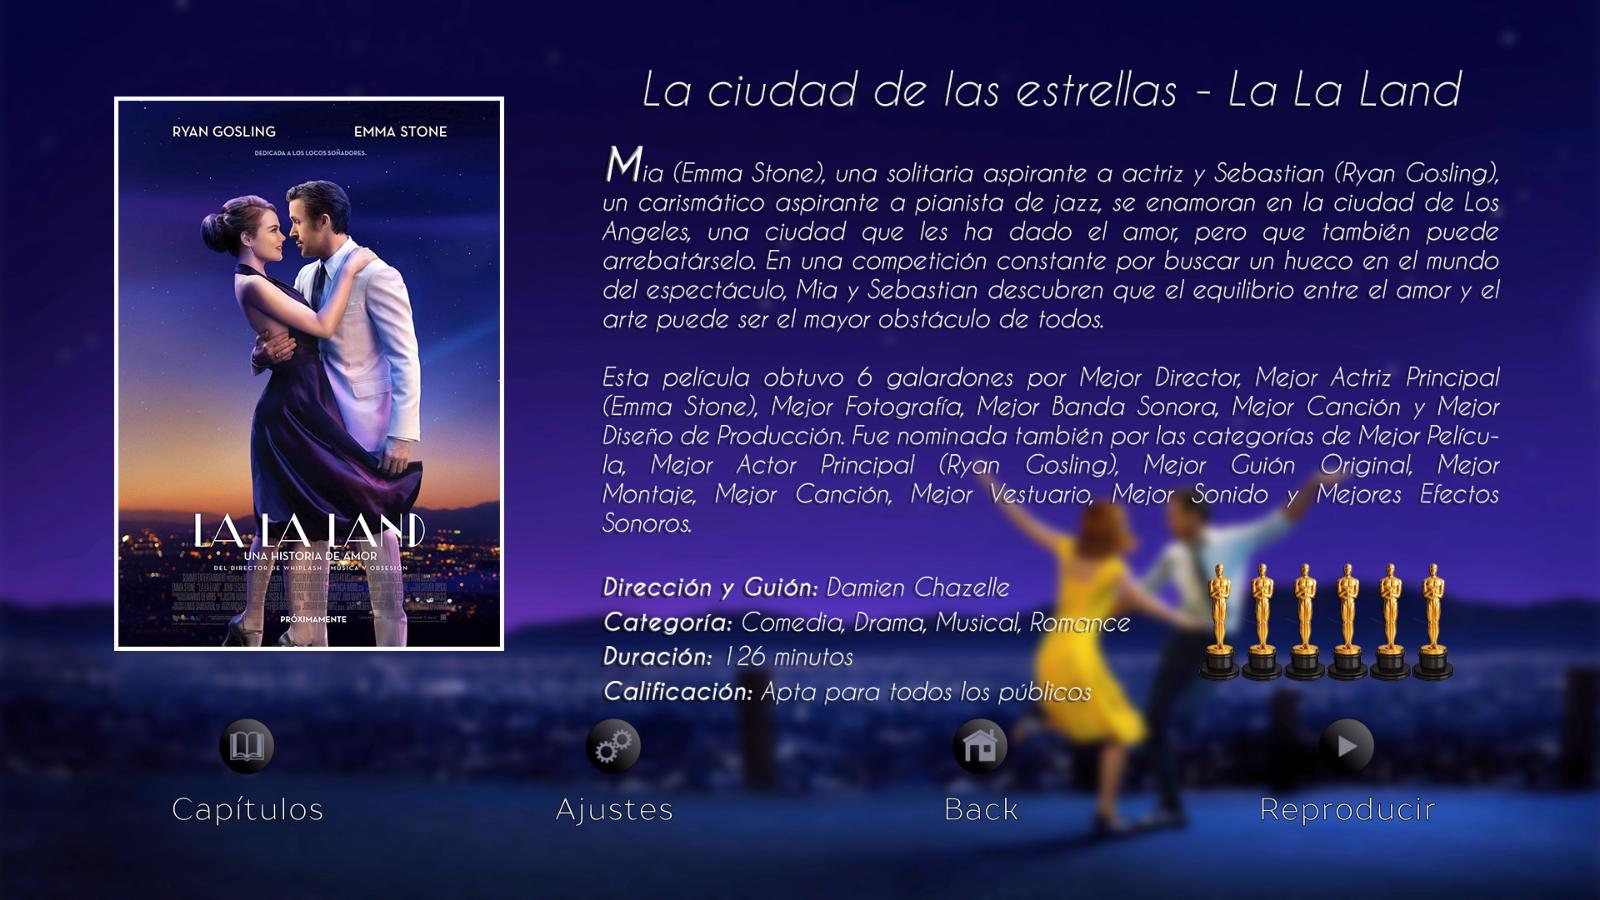 Menú de opciones La La Land - Disco 01 Colección The Oscars Nominateds 2017